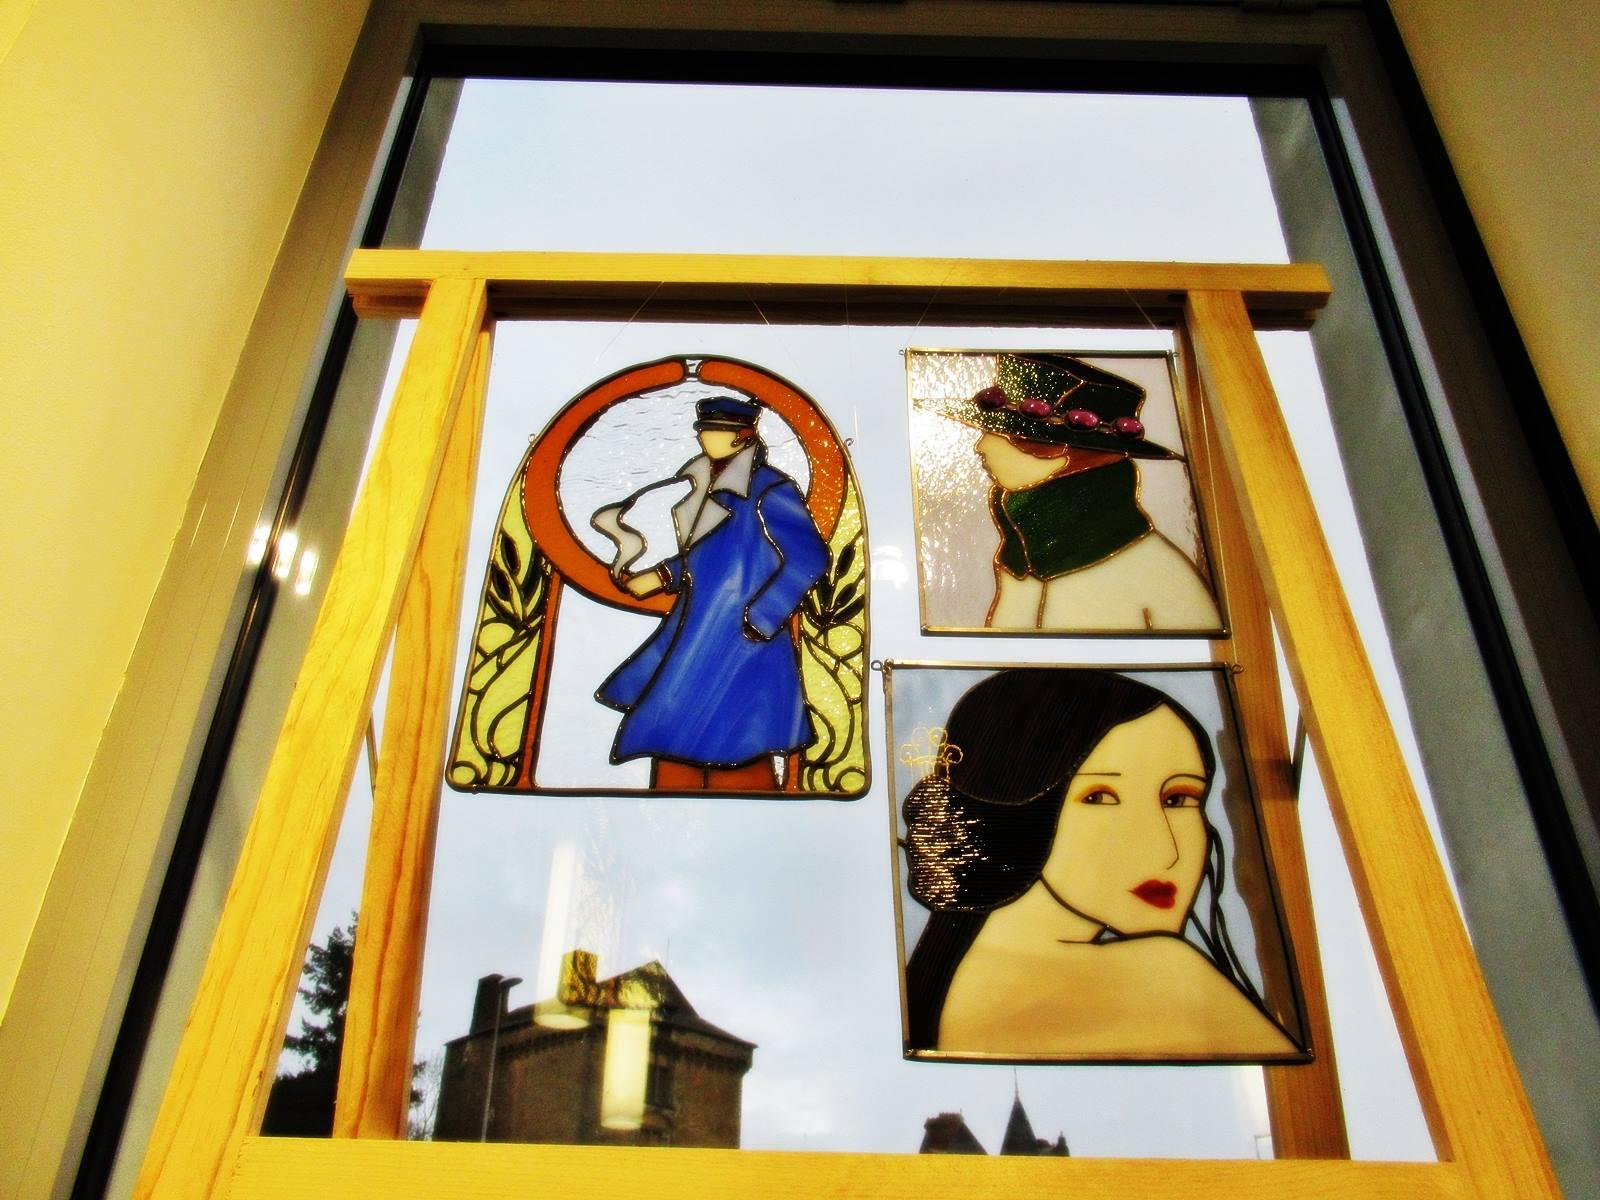 Exposition chateaubriant office de tourisme 5